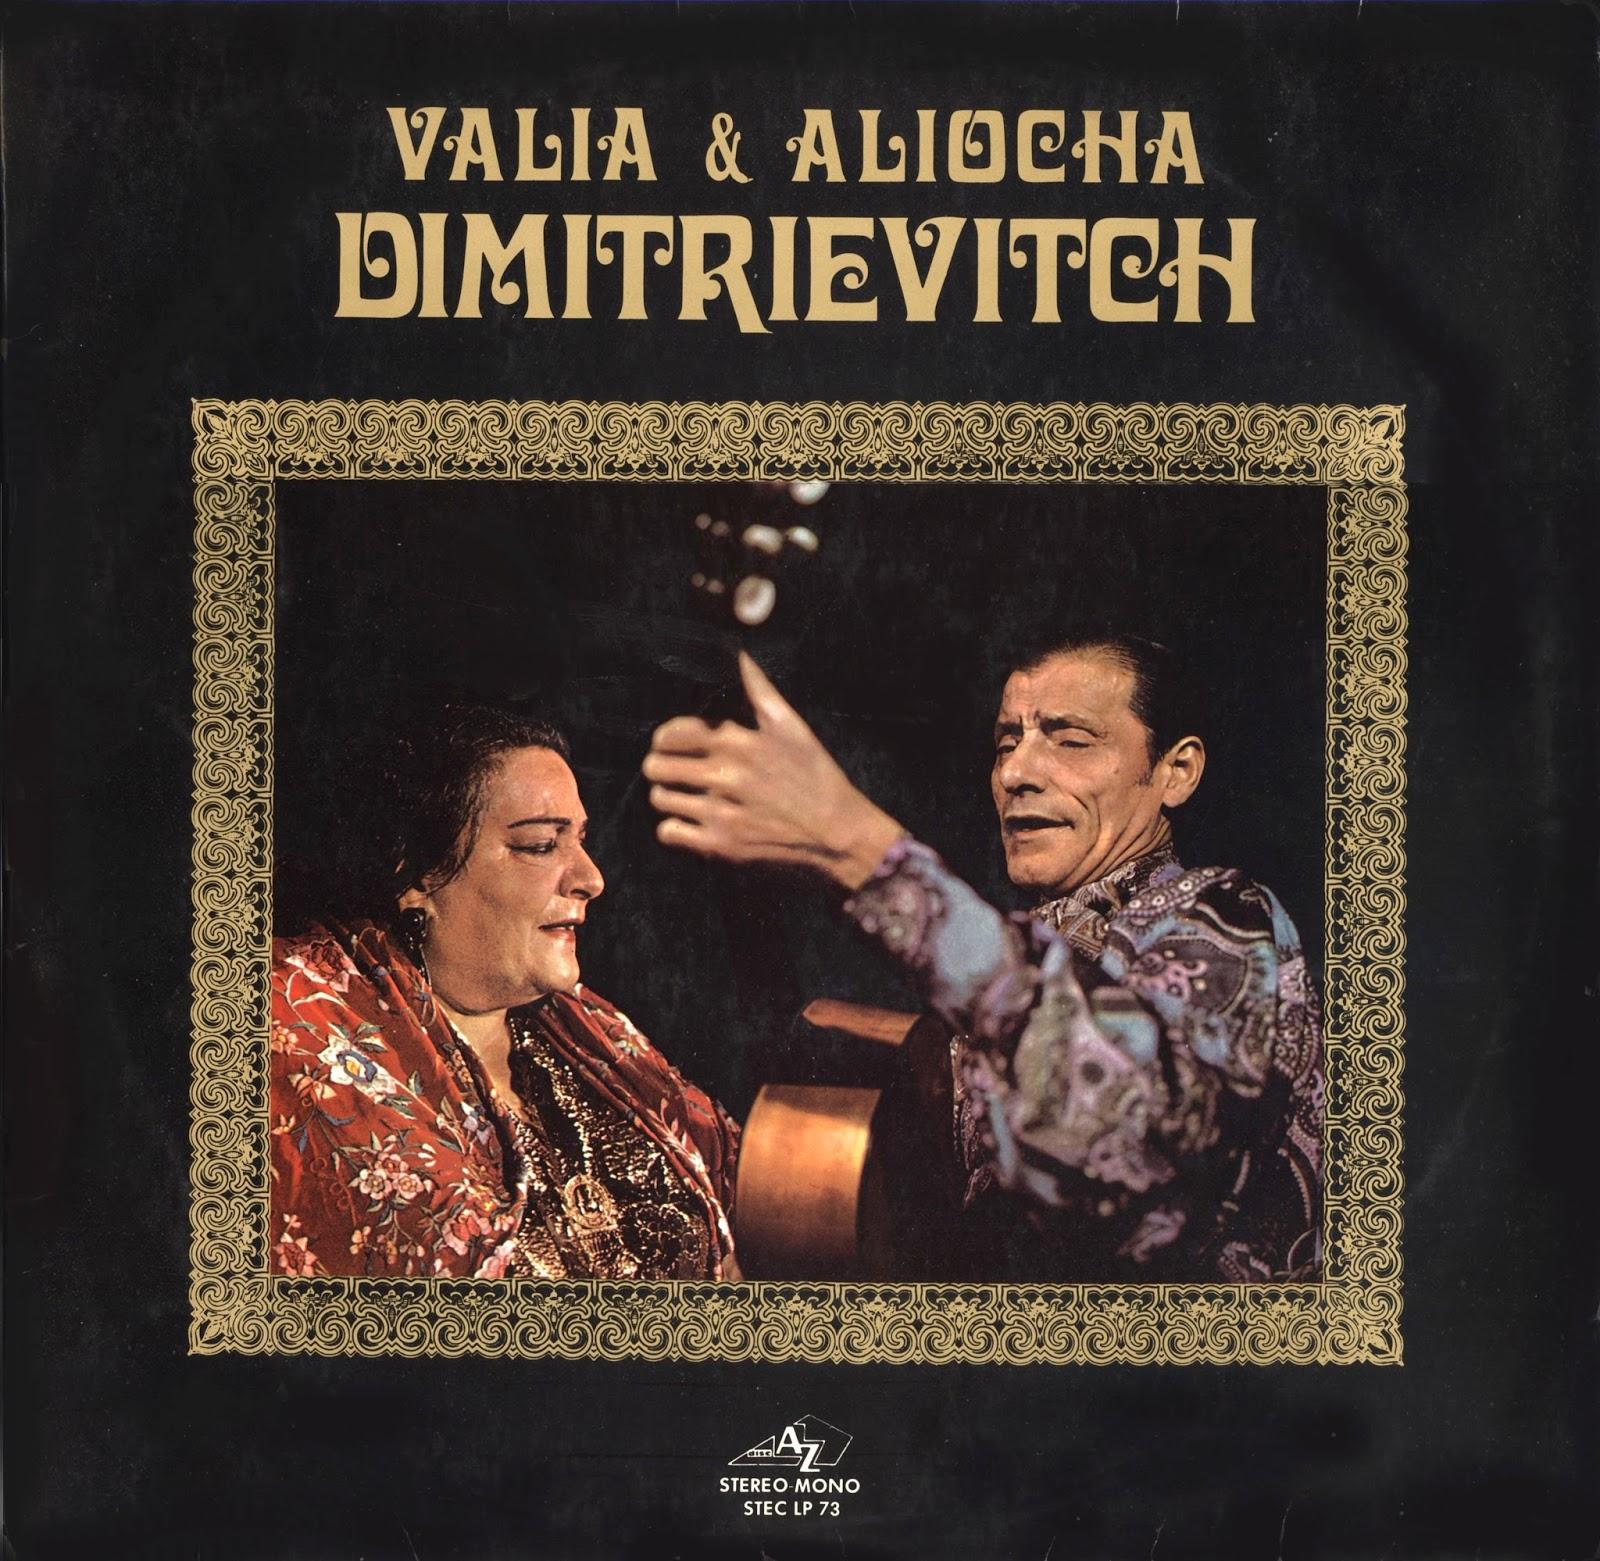 Valia Dimitrievitch & Volodia Poliakof - Les Dernières Voix Tziganes